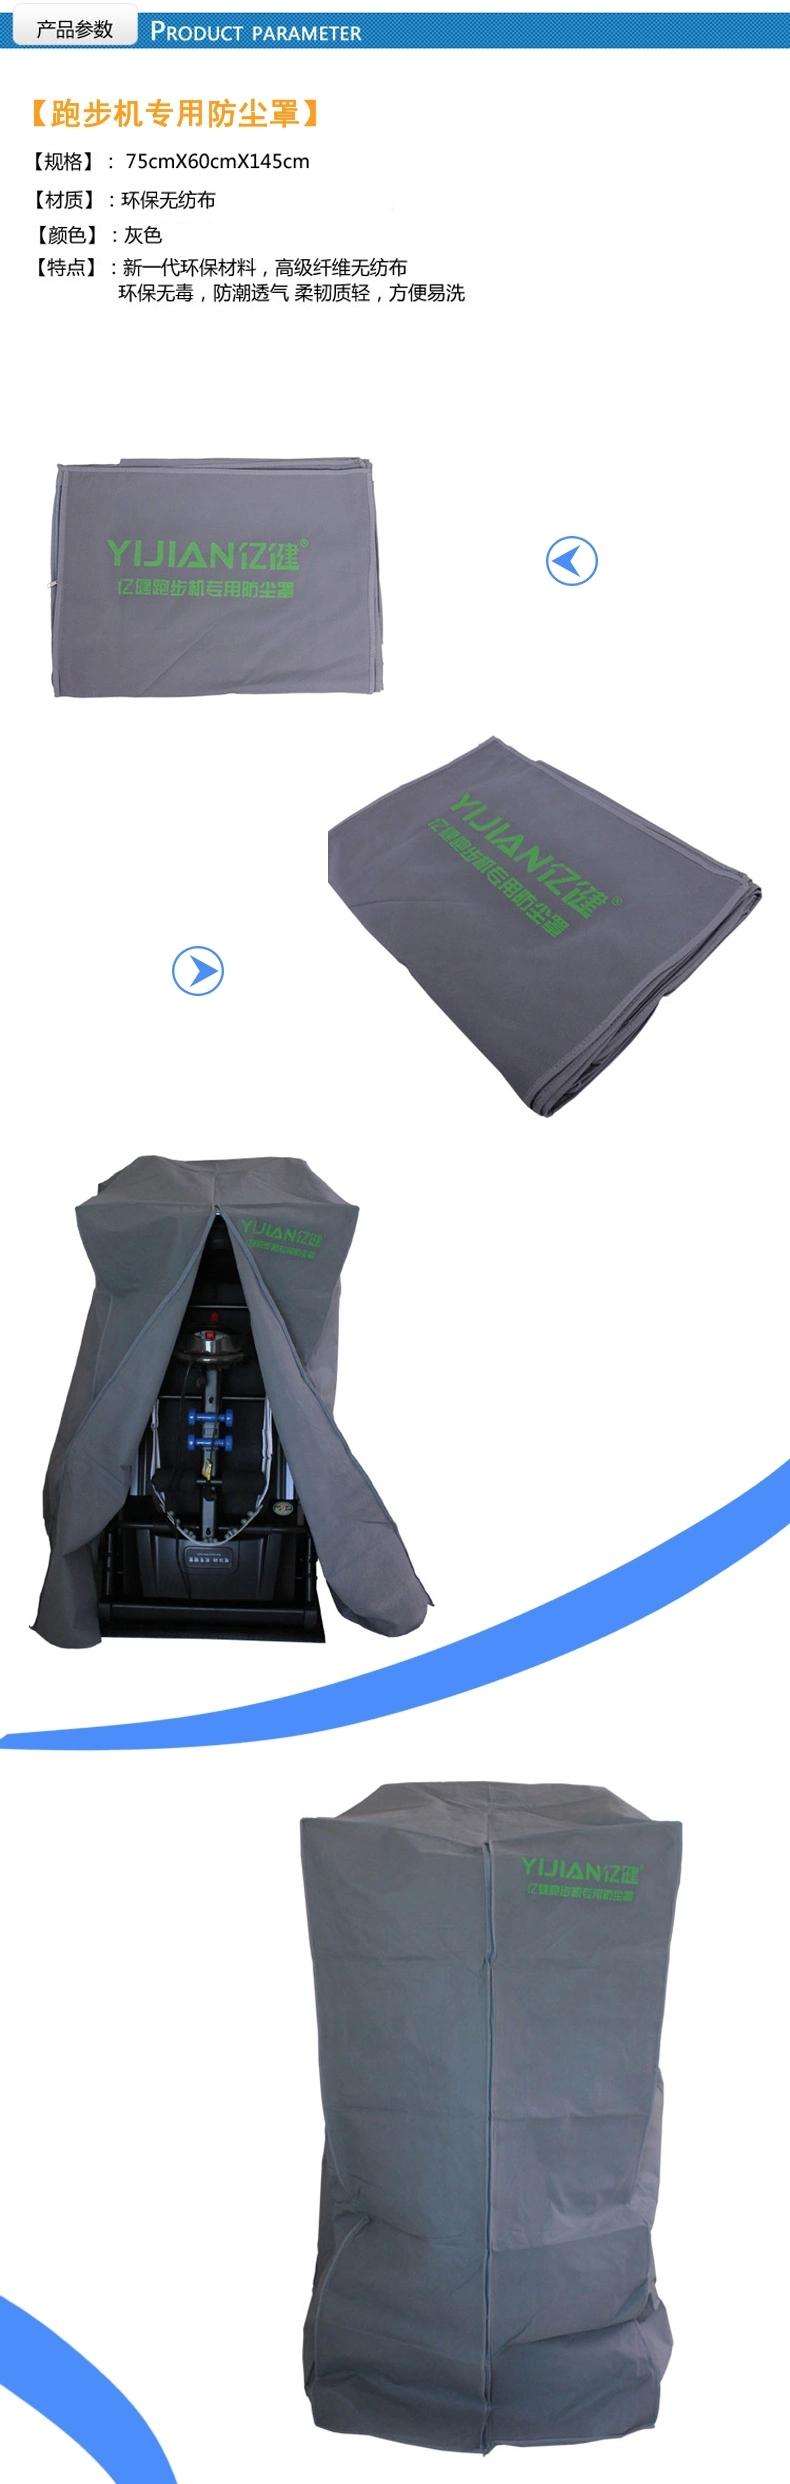 西安亿健跑步机防尘罩